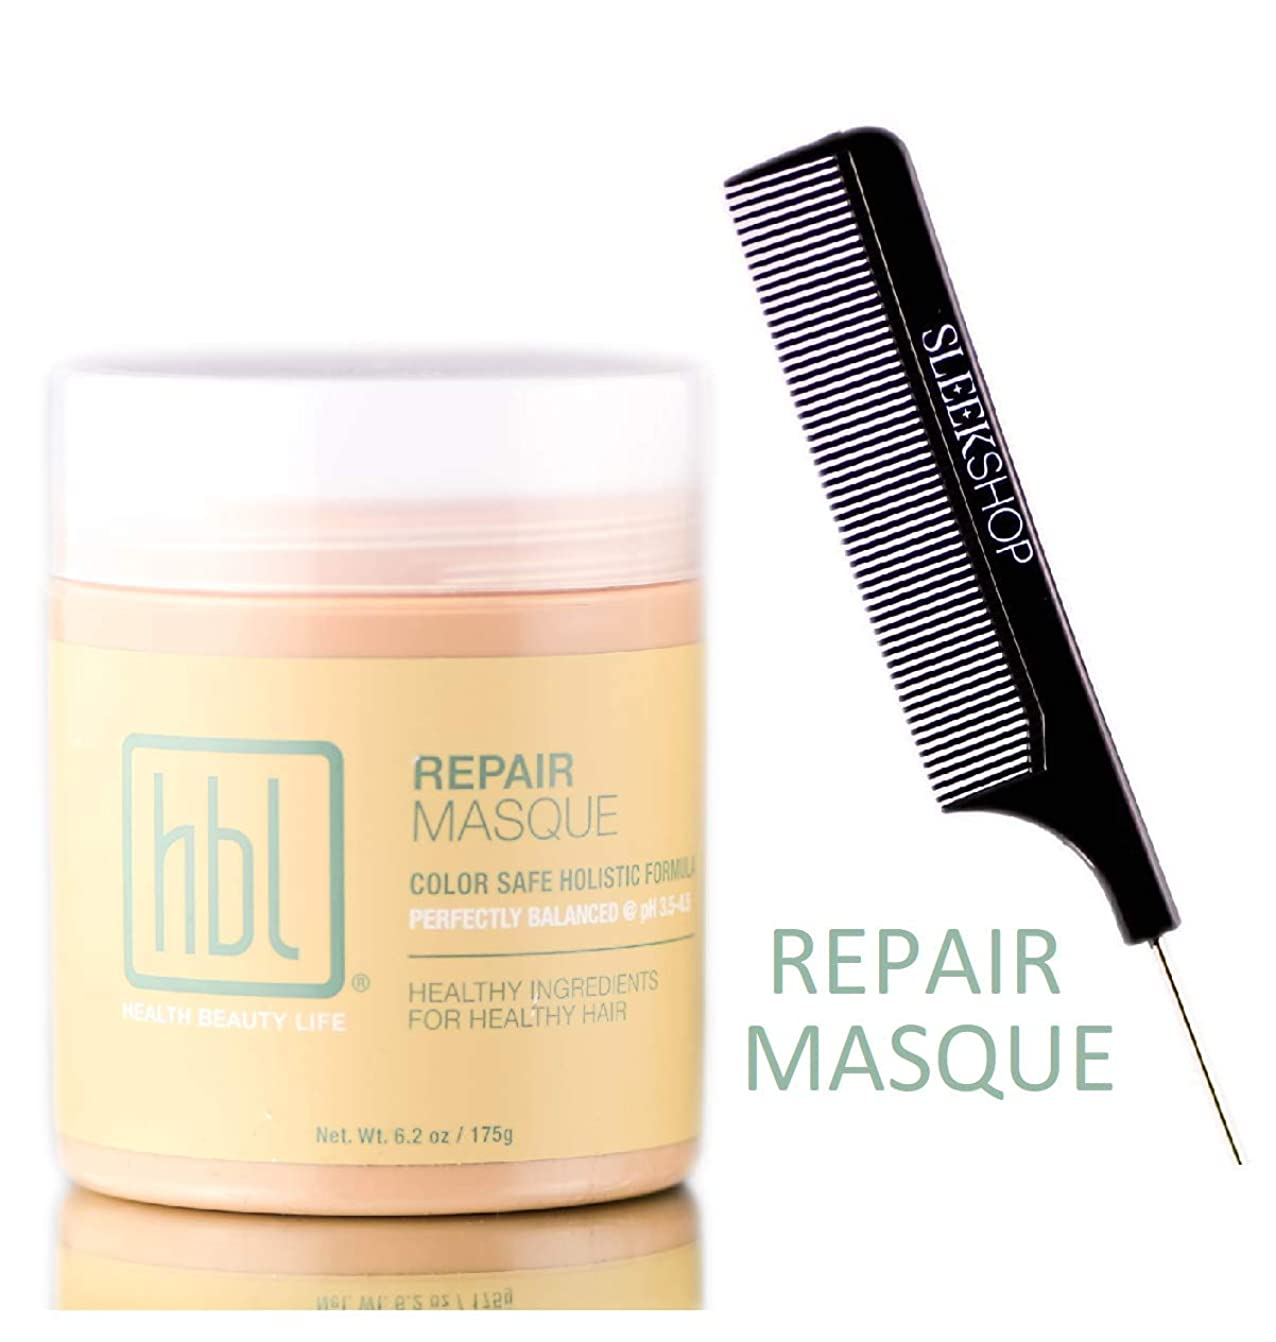 提唱する粘土キャベツHBL Health Beauty Life HBL修復MASQUE(スタイリストKIT)カラー安全なホリスティック式マスク、完璧なバランスの@ pHは3.5?4.5 6.2オンス/ 175グラム